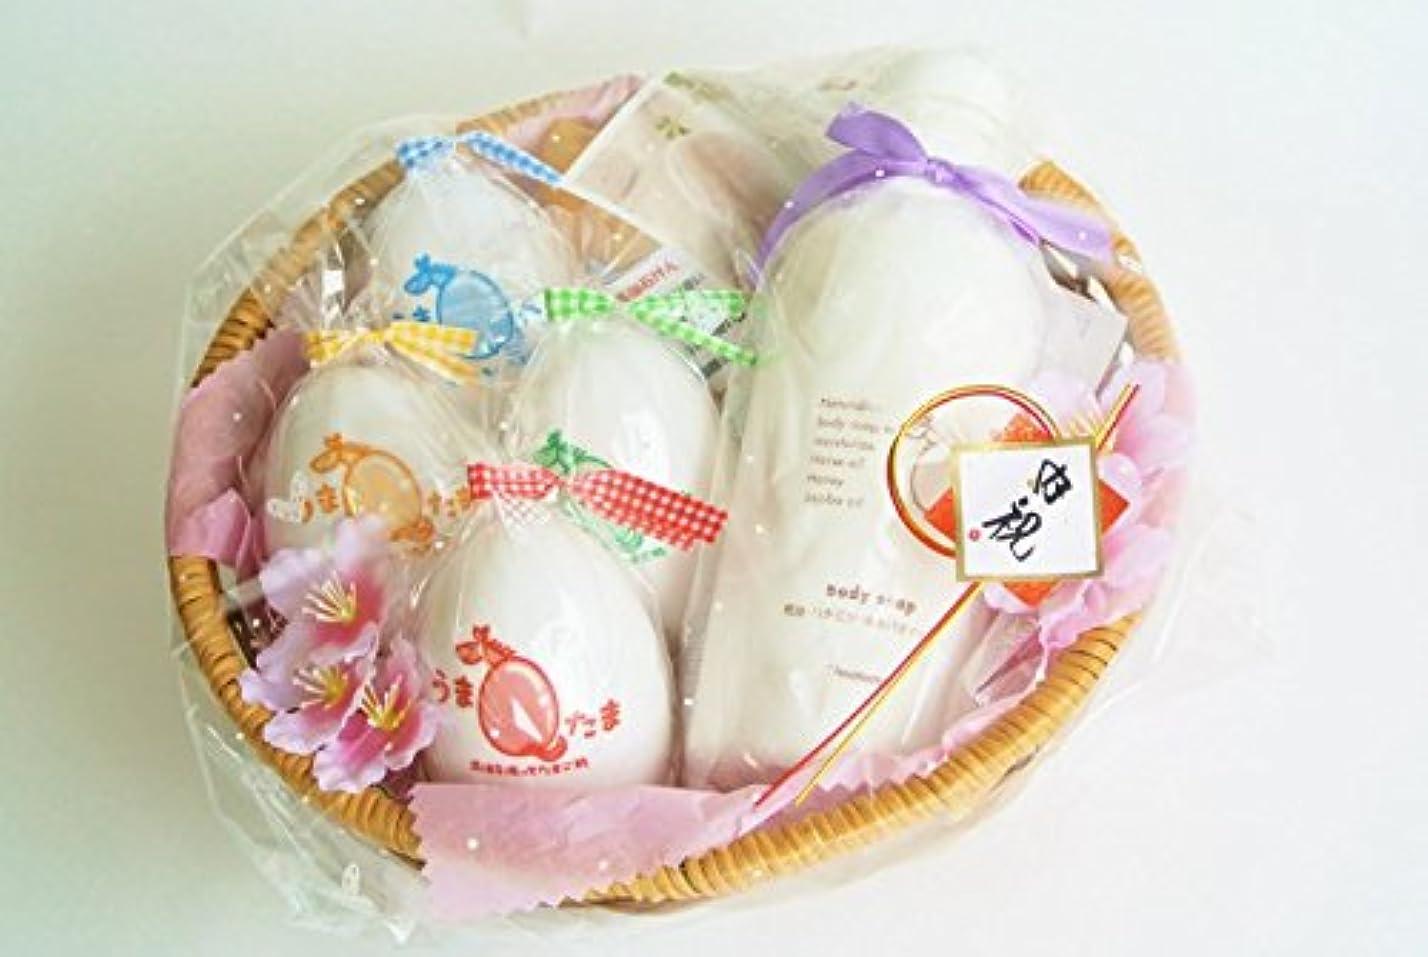 以前は病気だと思う十分ではないUmatama(ウマタマ) 馬油石鹸うまたま4種類と馬油のボディソープのギフトセット!出産祝い?内祝い?結婚祝い?誕生日祝いにおススメです!